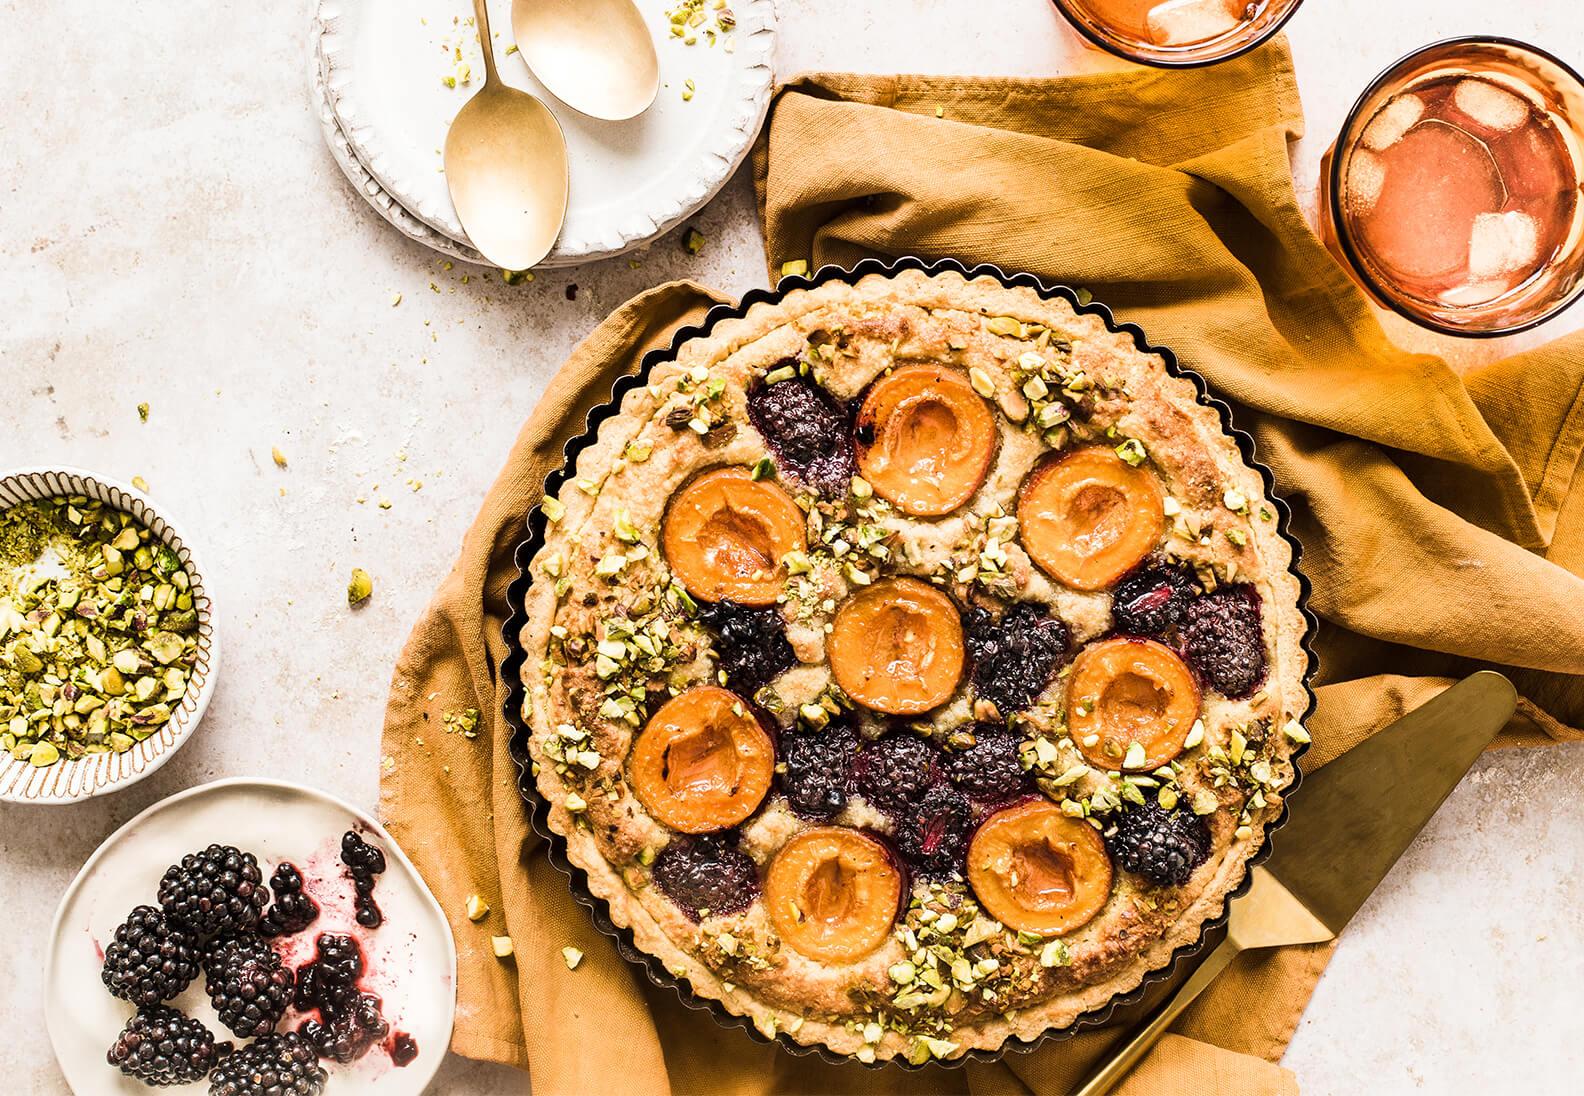 Gedeckte Herbst Desserts